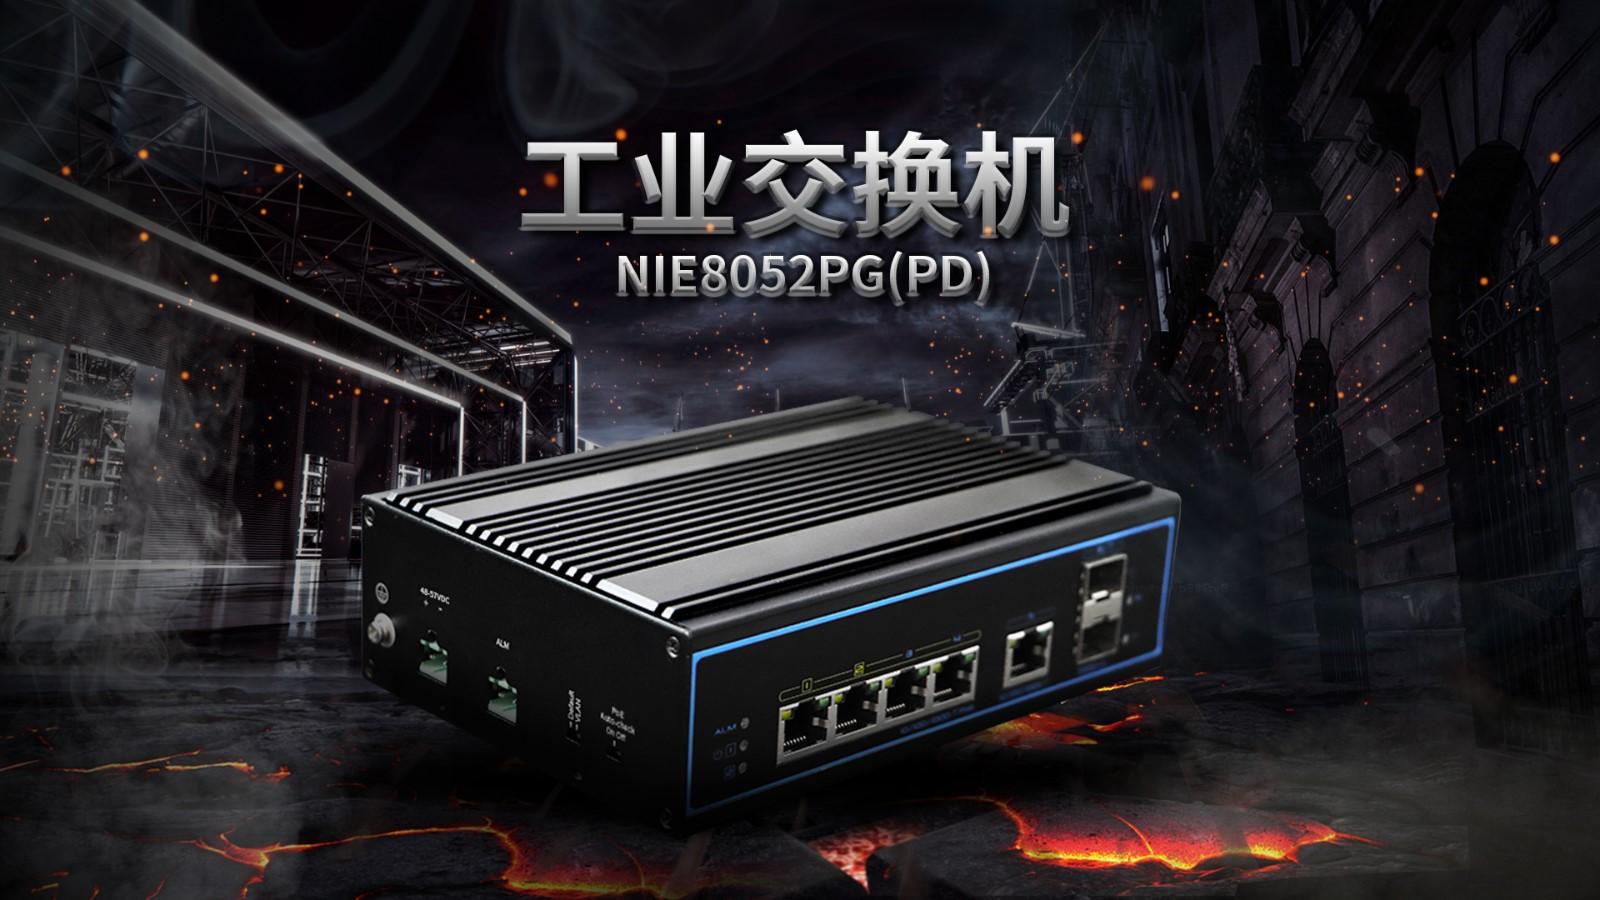 工业级交换机NIE8052PG(PD).jpg